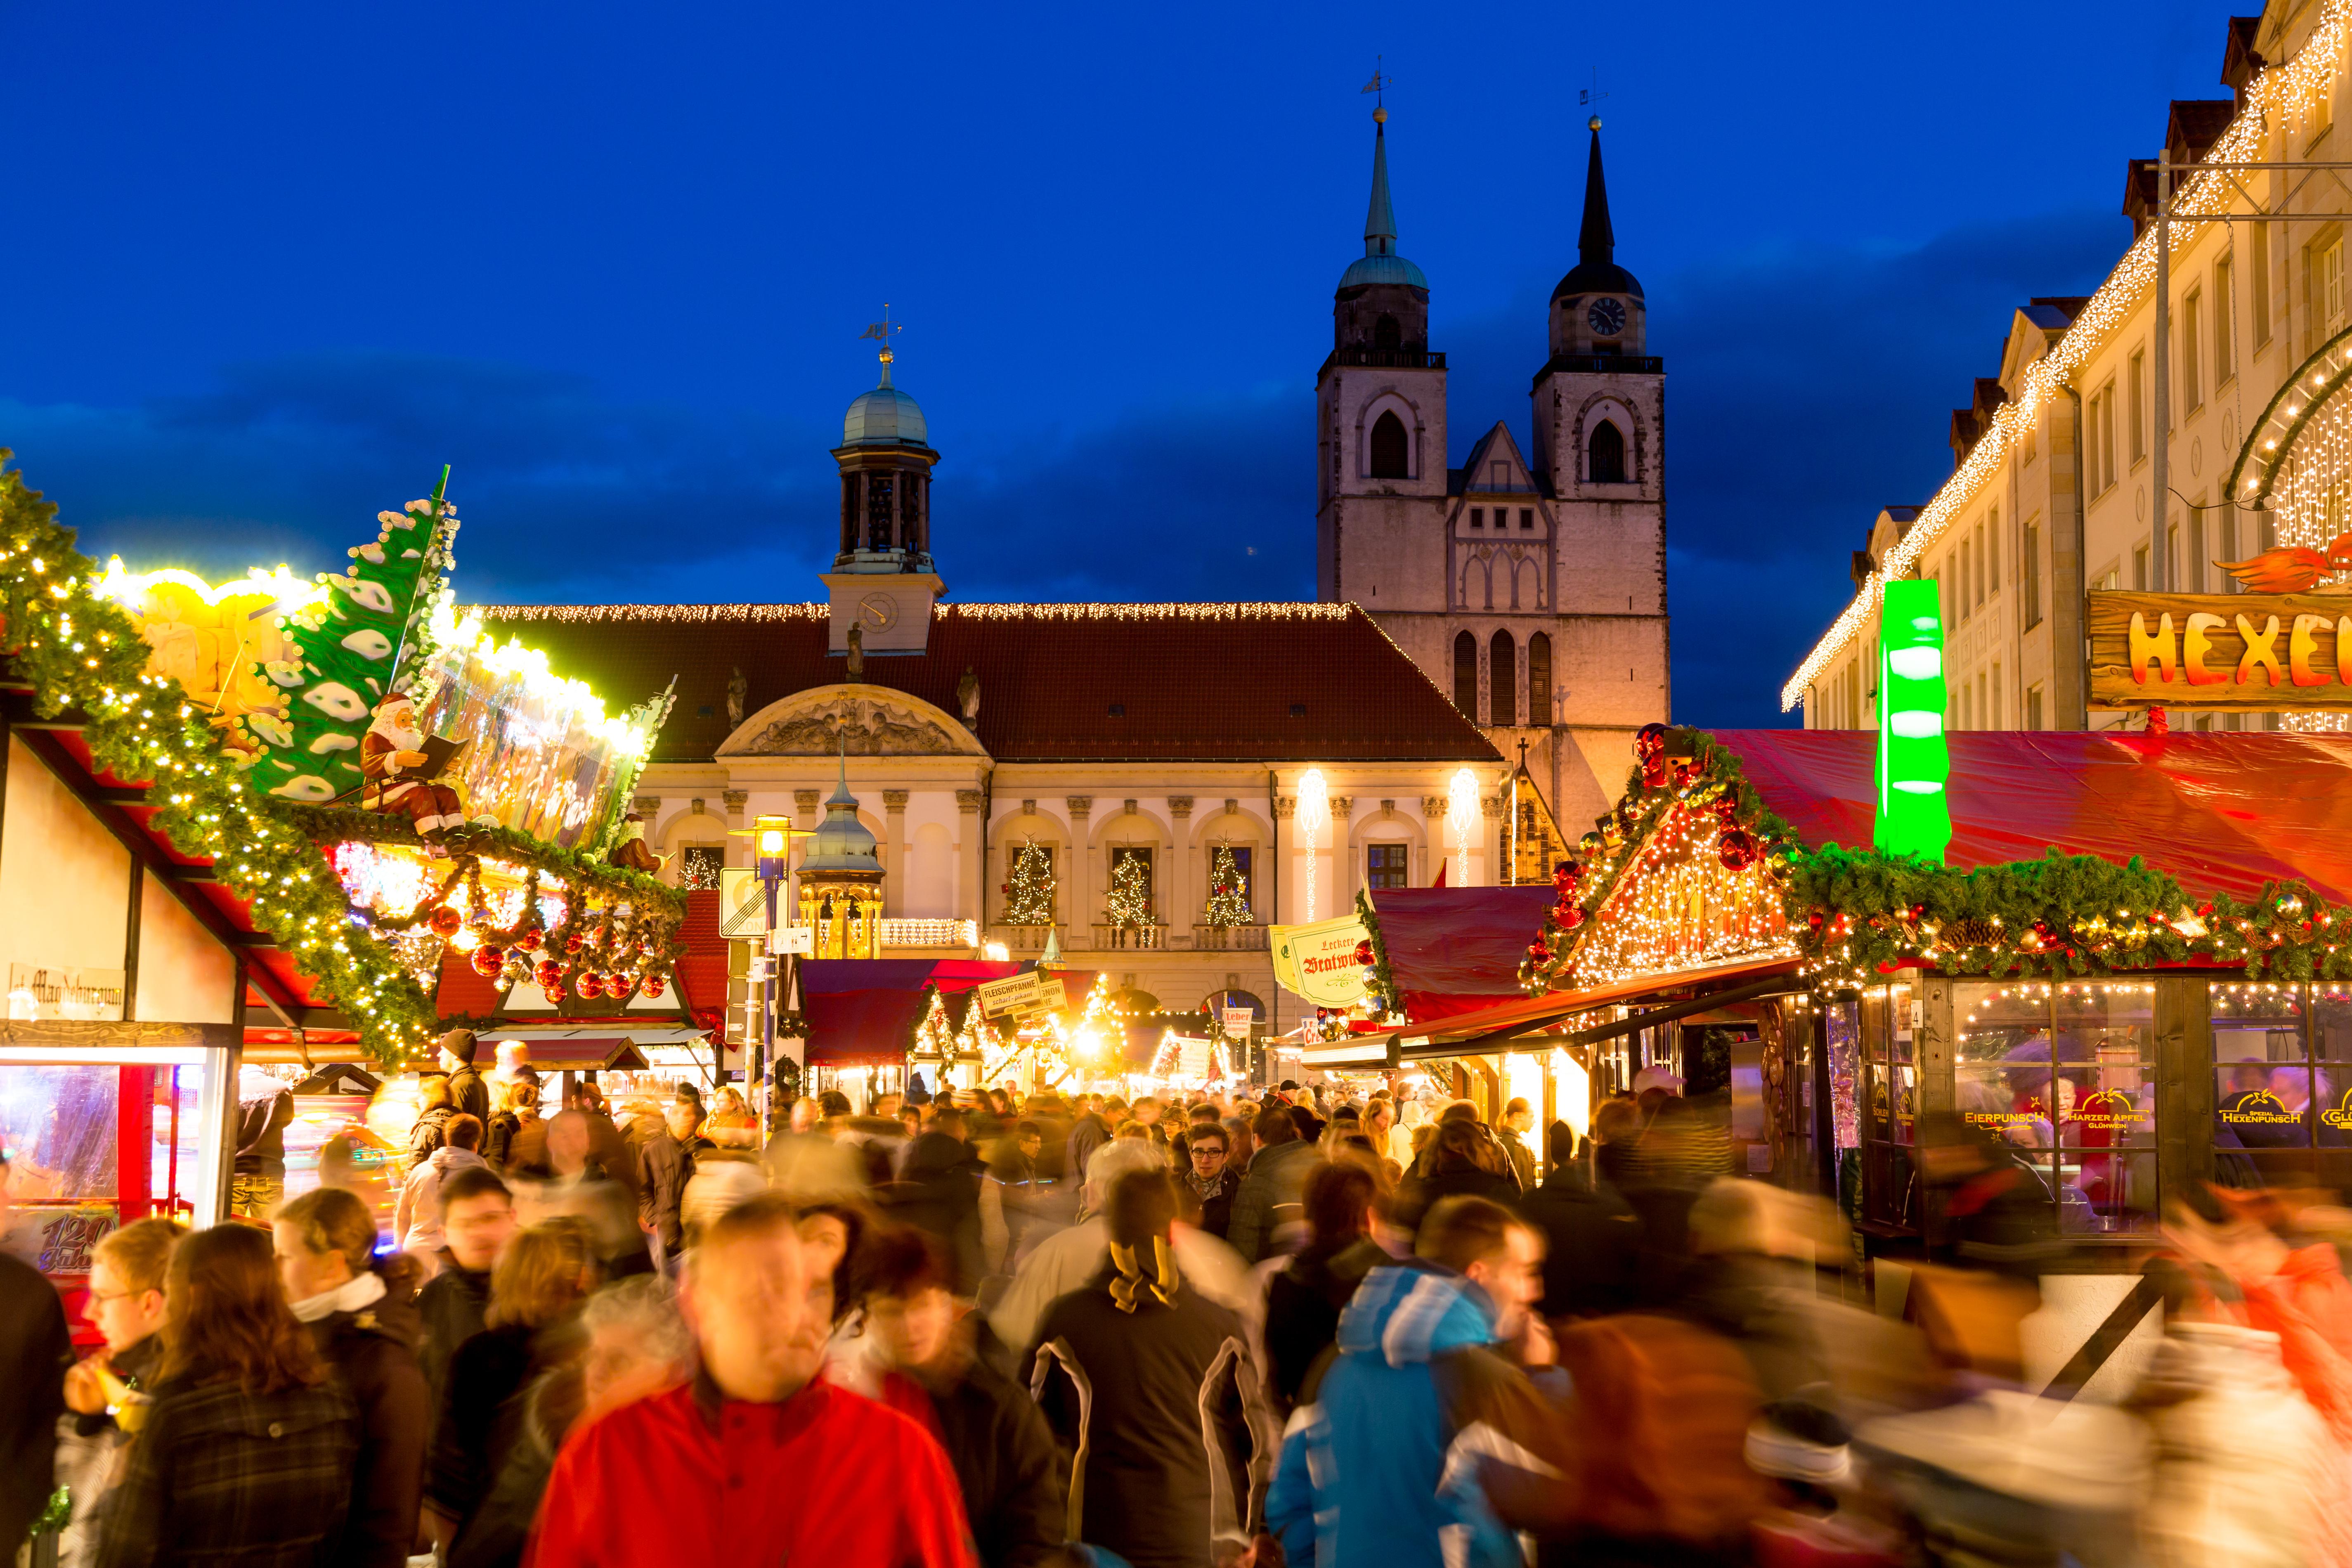 Magdeburg Weihnachtsmarkt öffnungszeiten.Magdeburger Weihnachtsmarkt 2018 Radio Saw